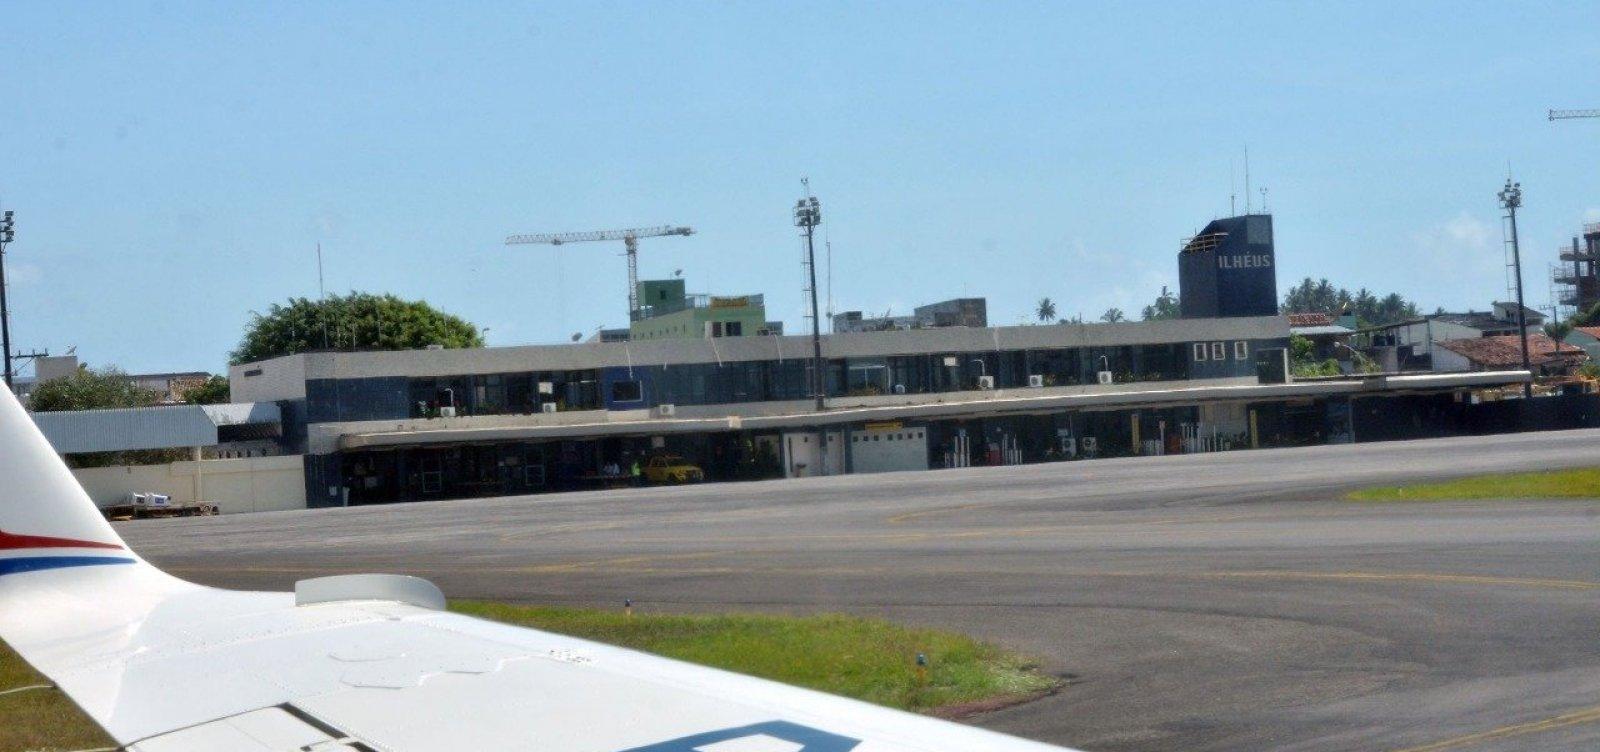 [Aeroportos de Porto Seguro e Ilhéus voltam a operar com aviação regular]